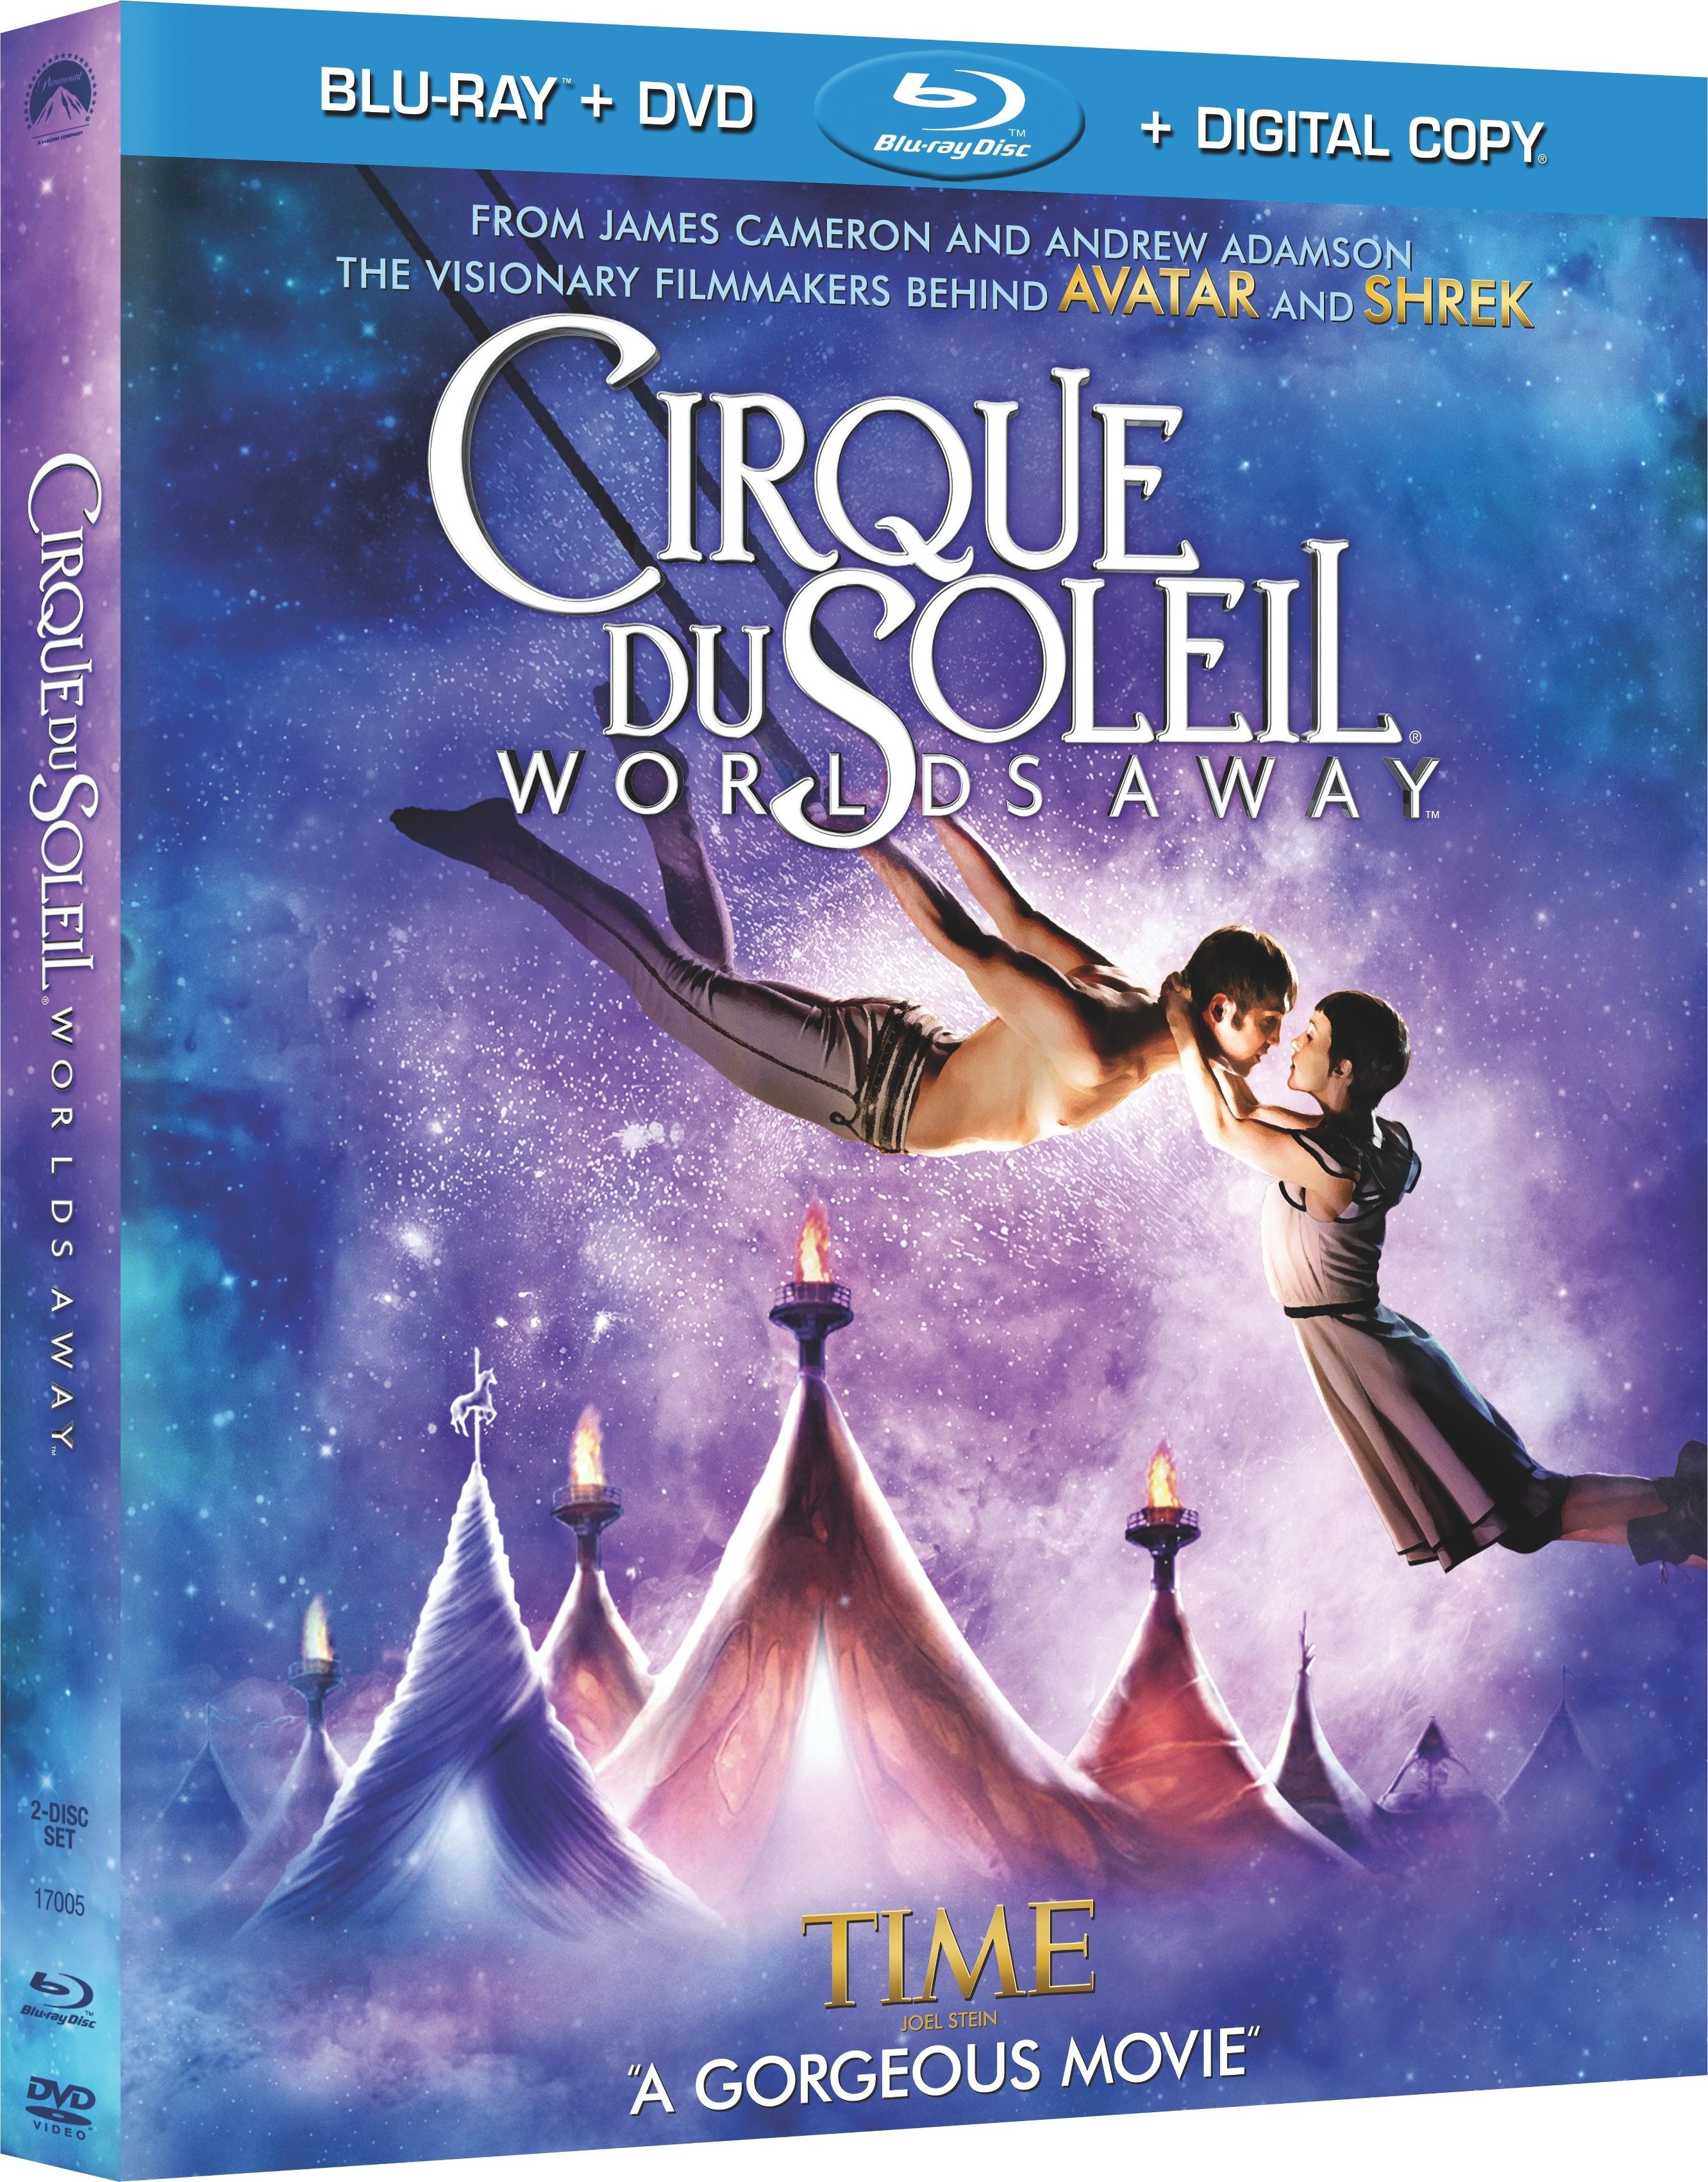 Cirque Du Soleil Worlds Away: DVD Review: Cirque Du Soleil: Worlds Away